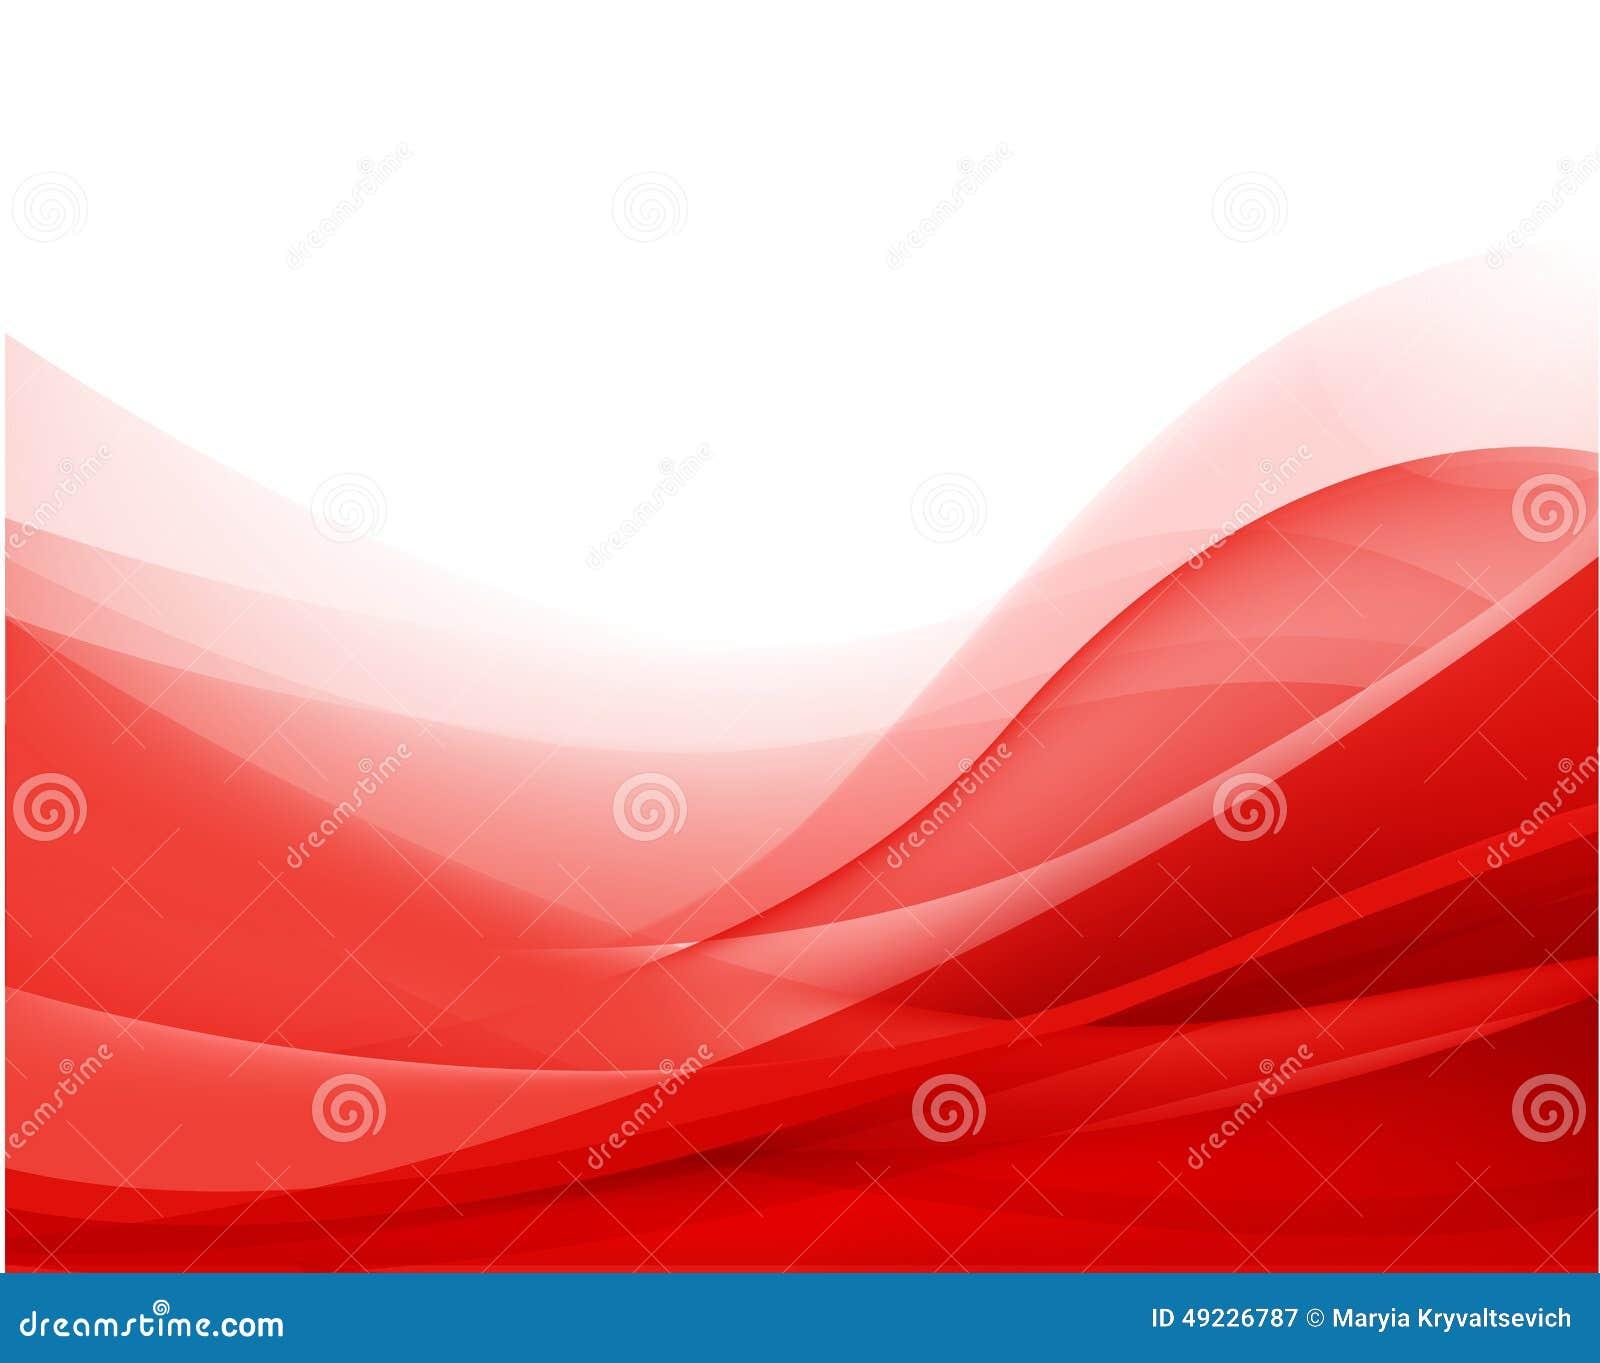 Wektorowy abstrakcjonistyczny czerwony falisty tło, tapeta